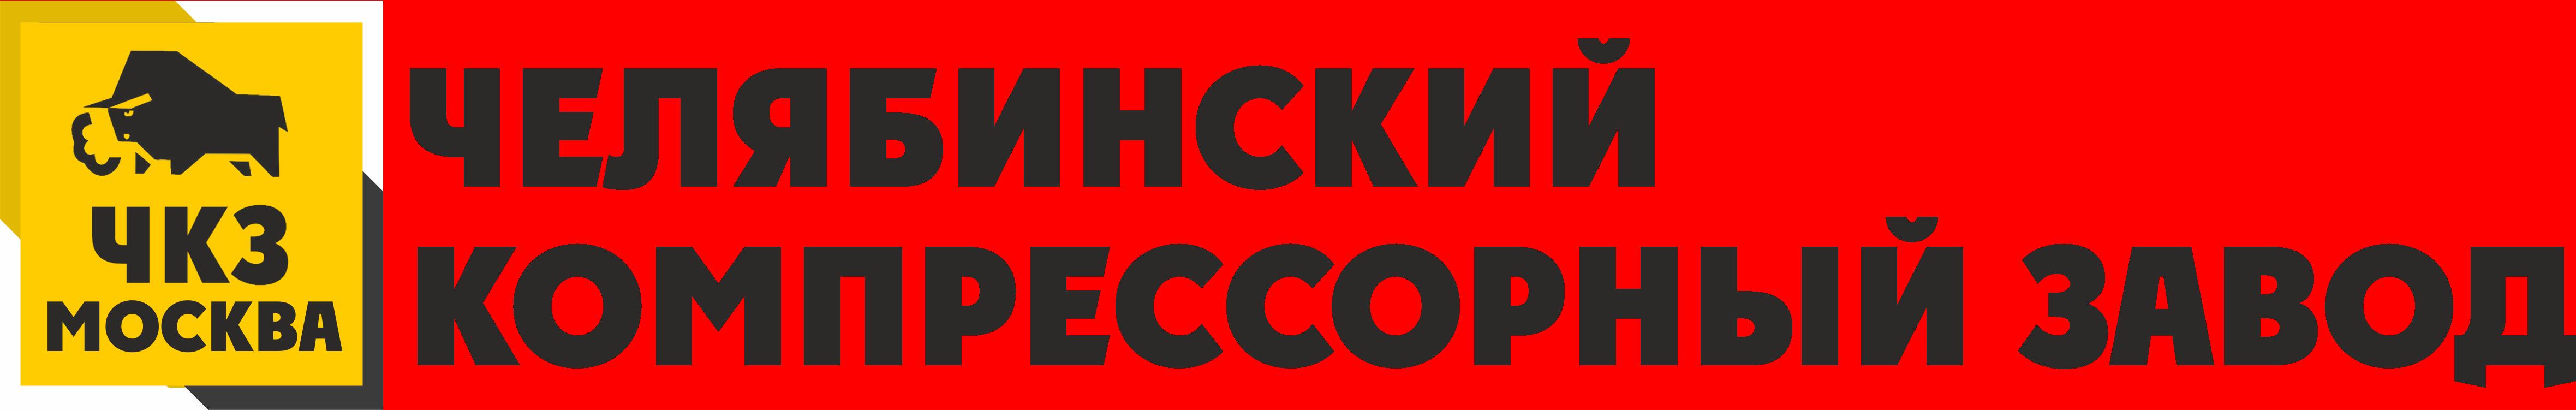 ЧКЗ Москва